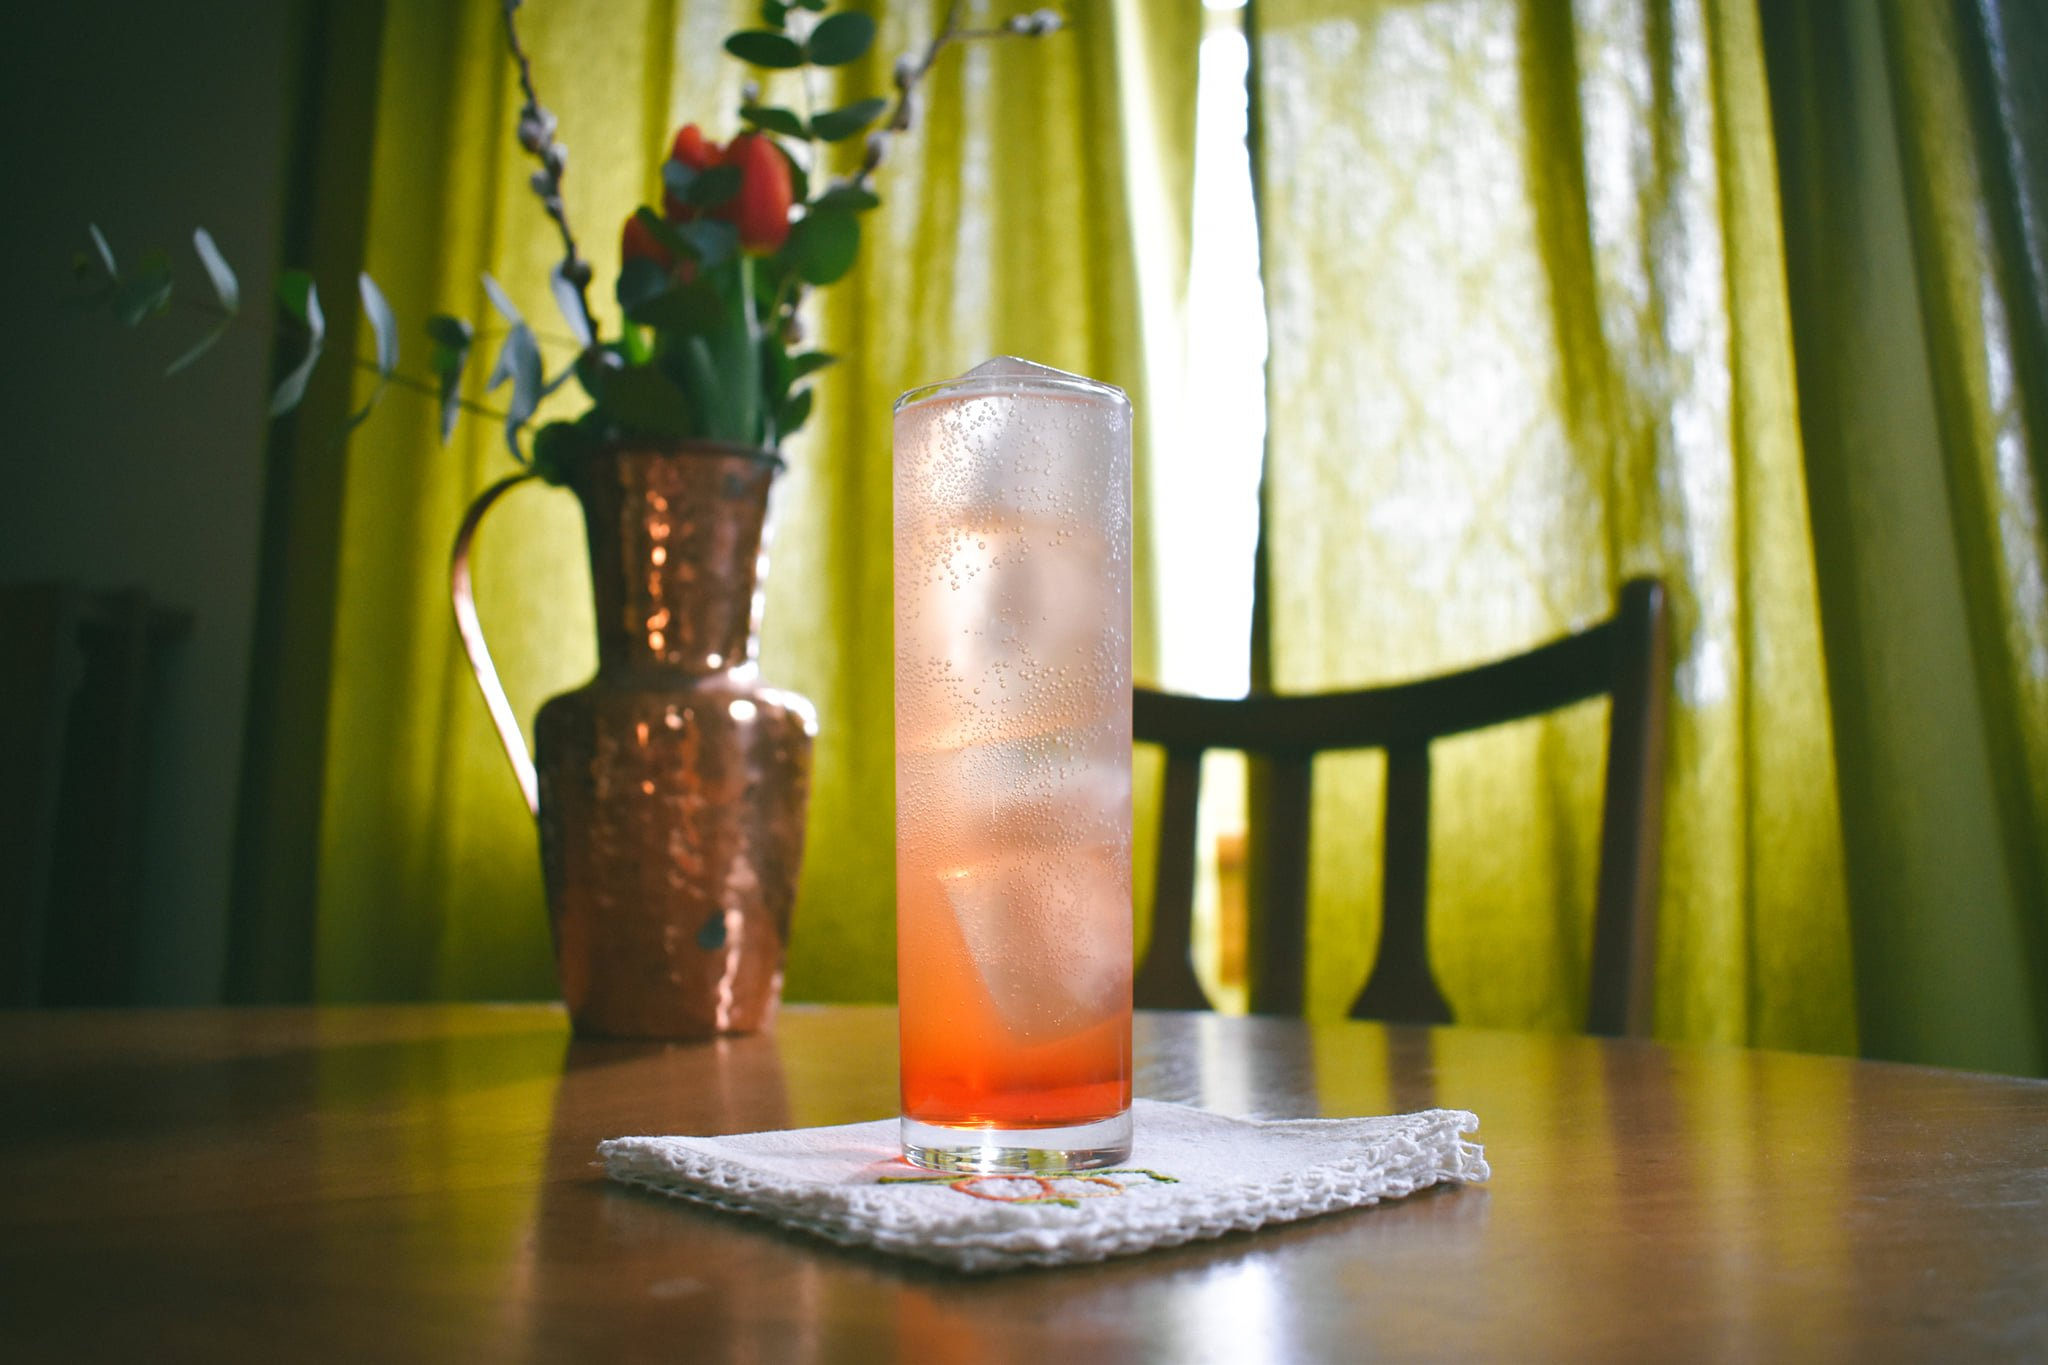 Cre8 Eco Vodka CRE8ion: Mona Spritz